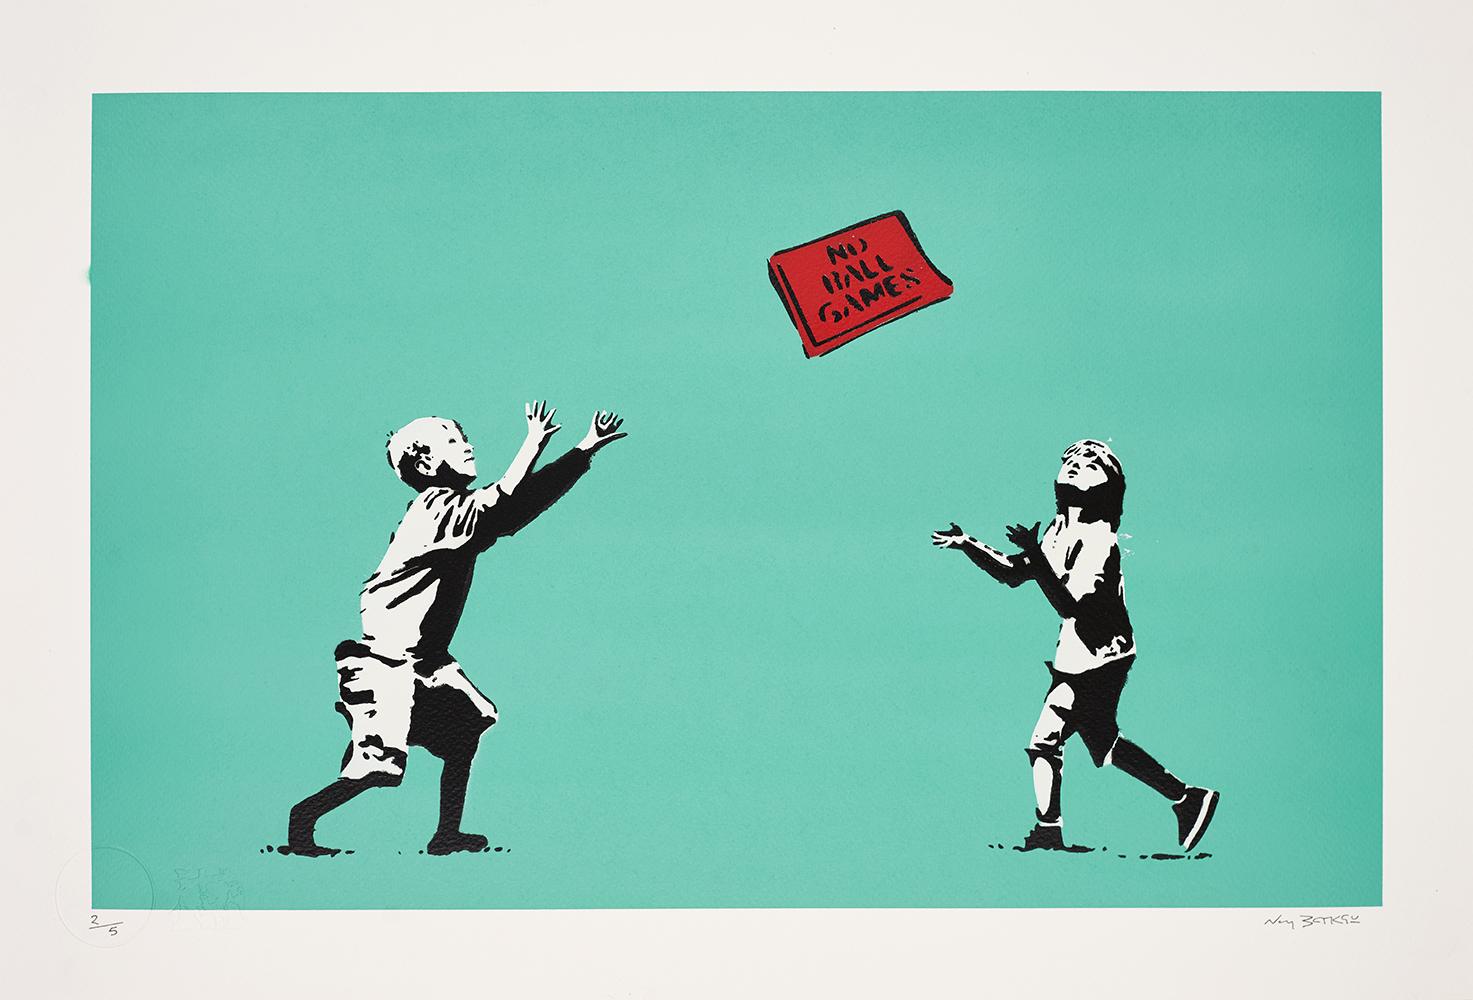 Banksy, No Future, Not ball games, 2019